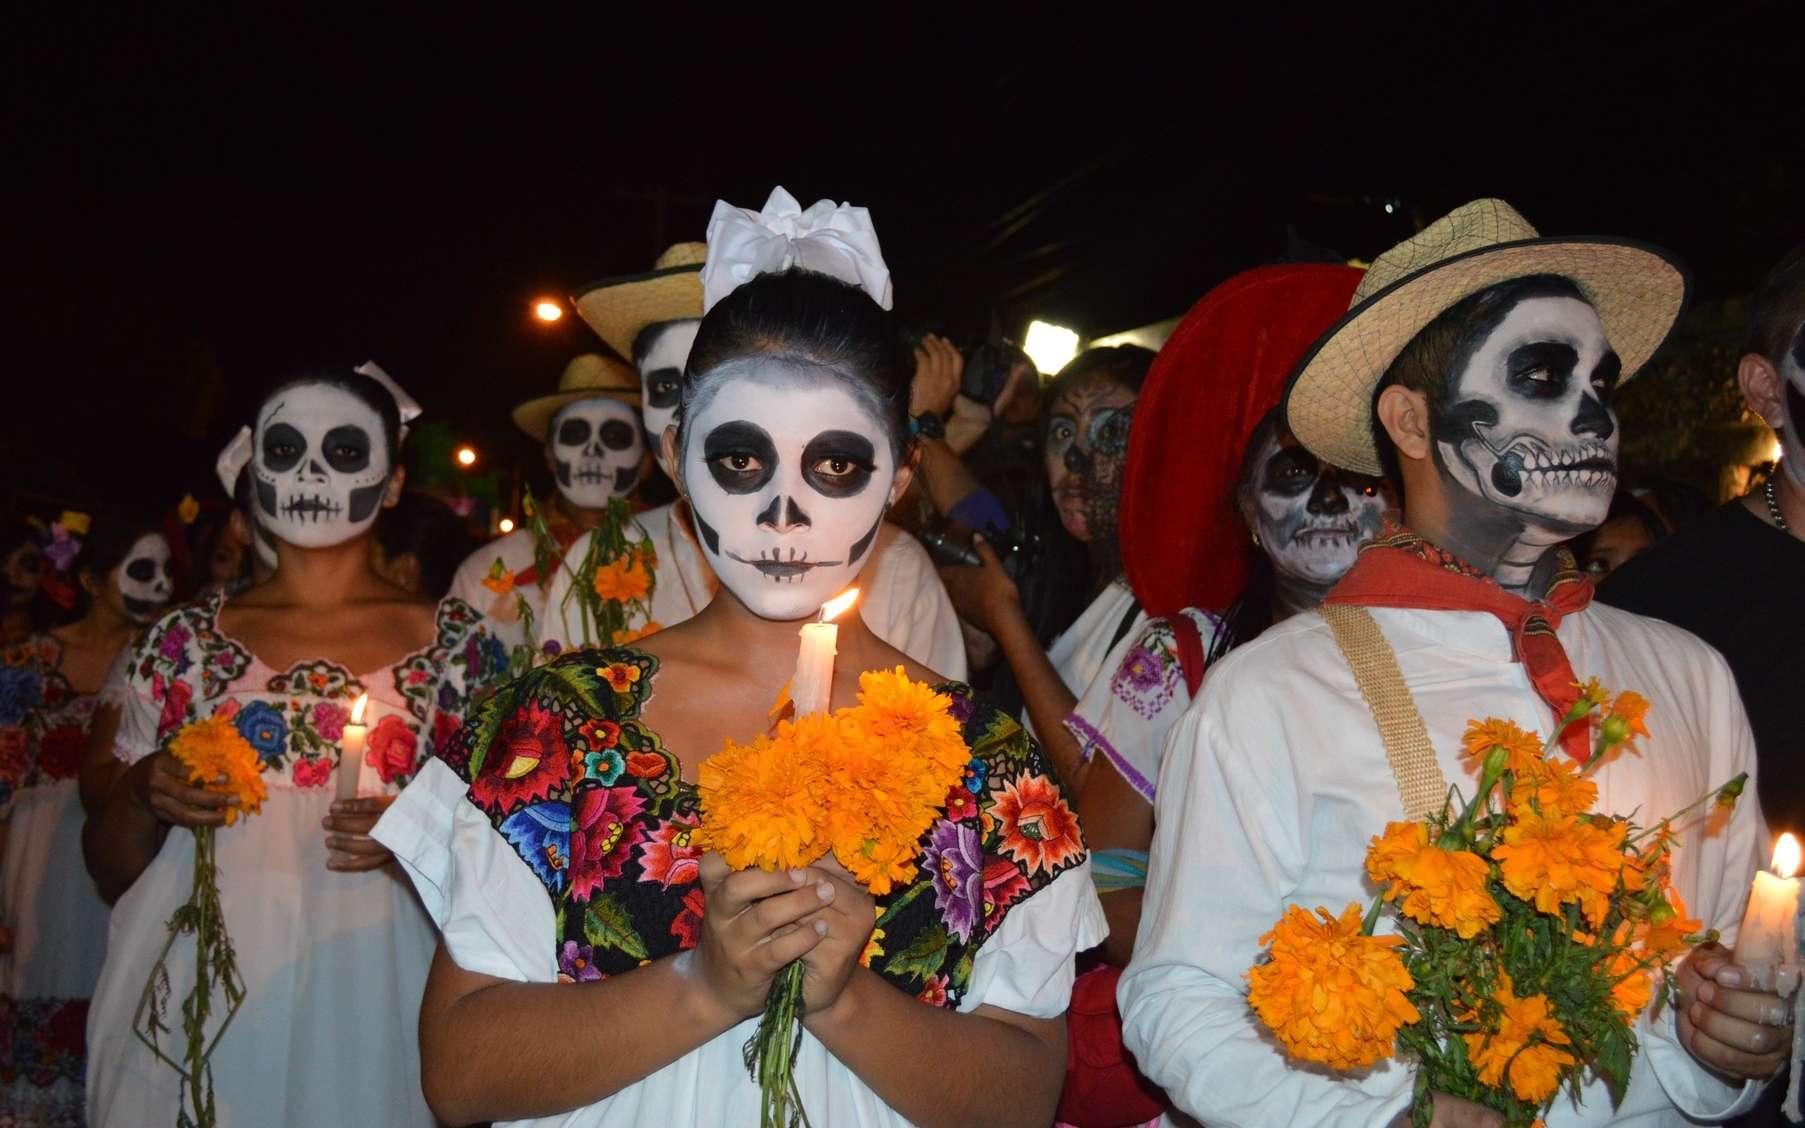 Le grand rituel de la fête des Morts au Mexique s'accompagne des chants, danses, carnavals et grands repas festifs pour célébrer les défunts. © Pxhere, DP